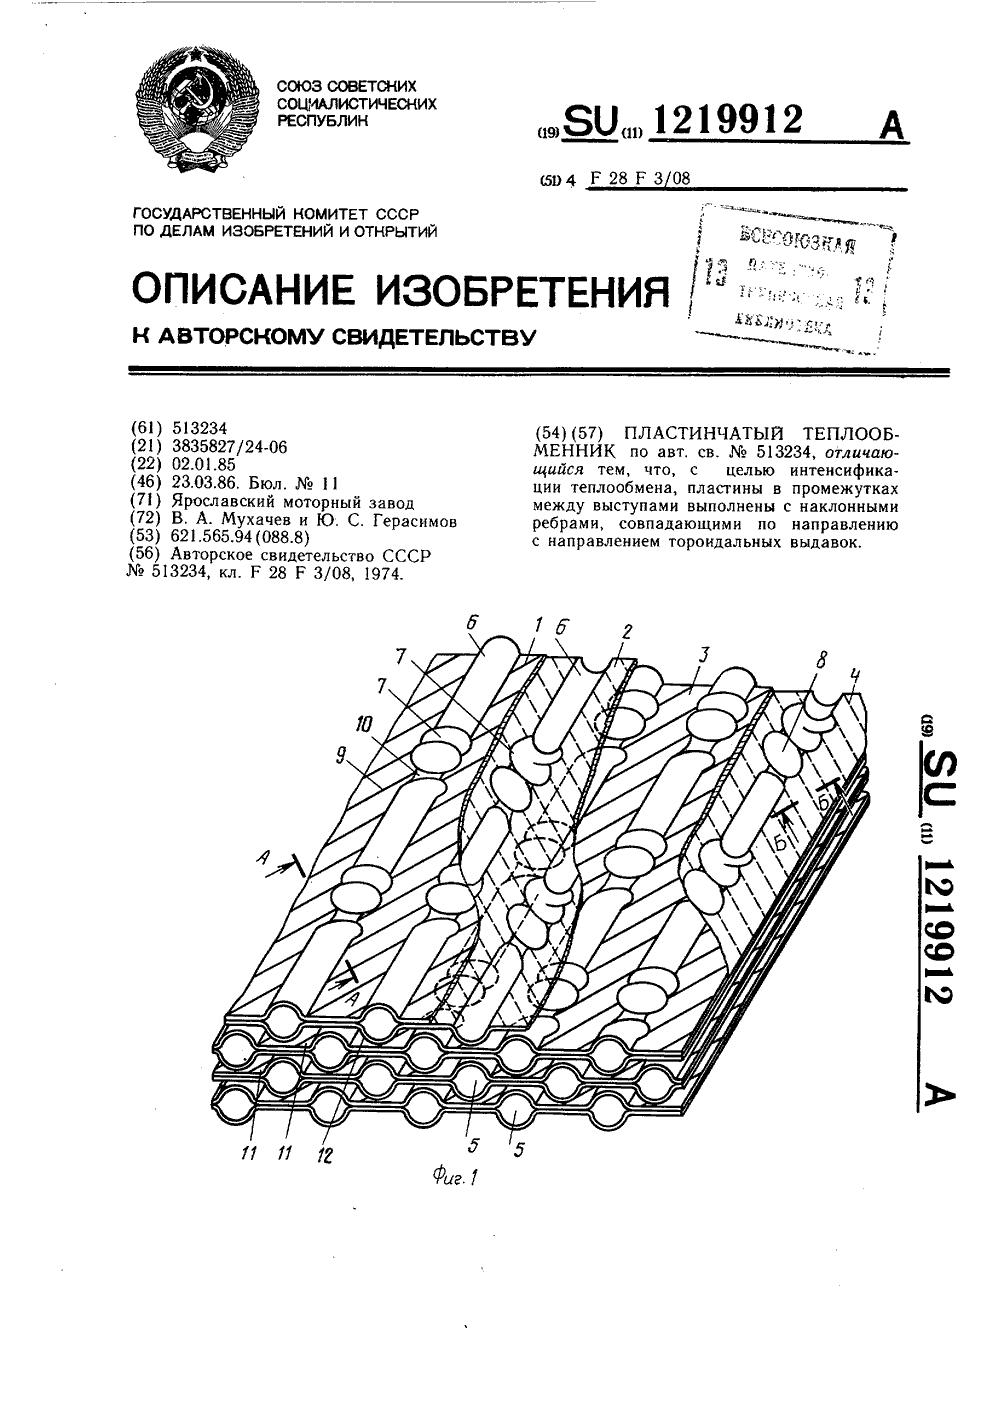 Пластины теплообменника APV SR3 Азов